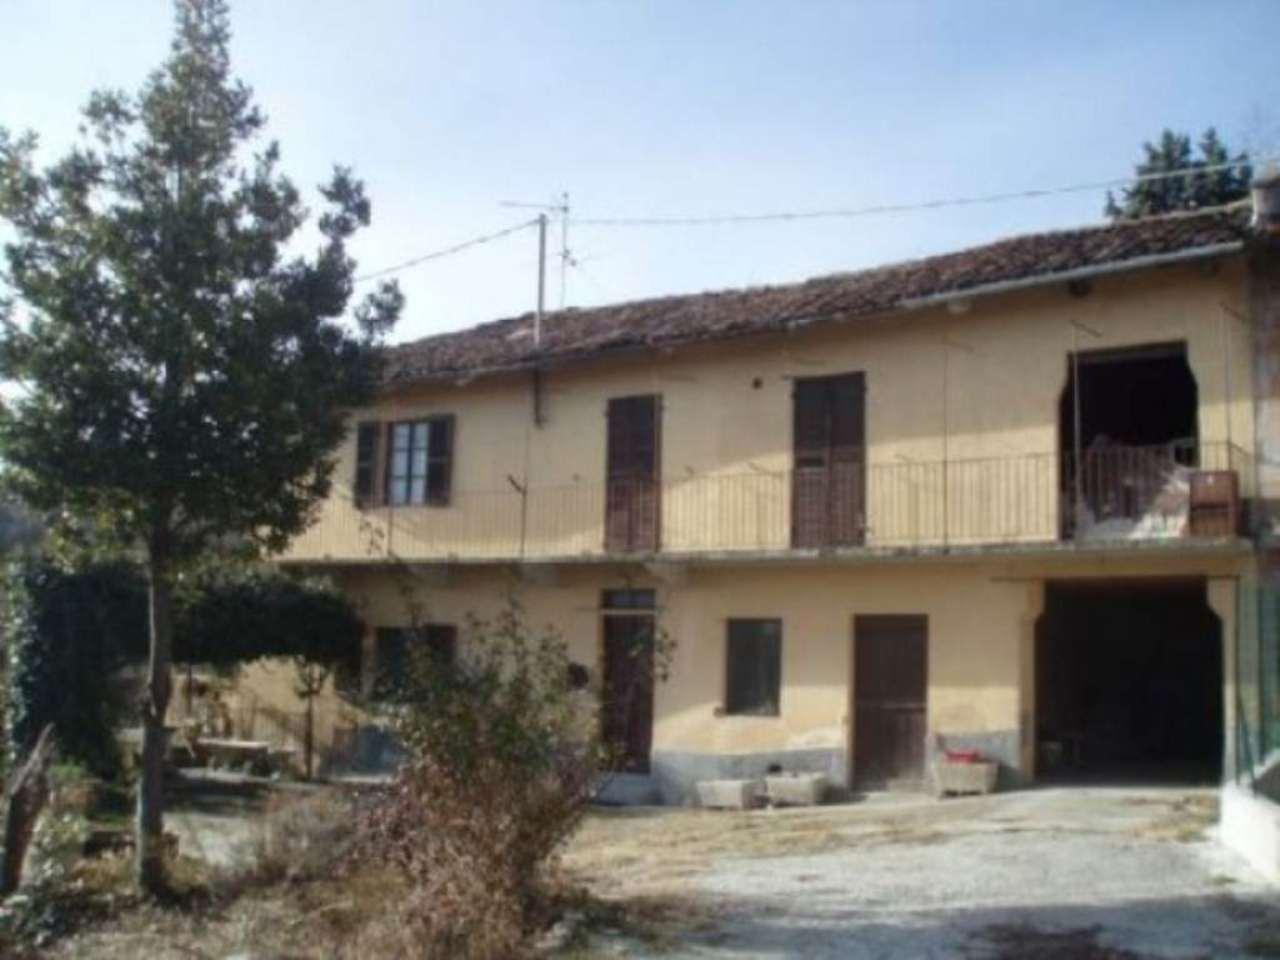 Rustico / Casale in vendita a Cocconato, 5 locali, prezzo € 35.000 | Cambio Casa.it